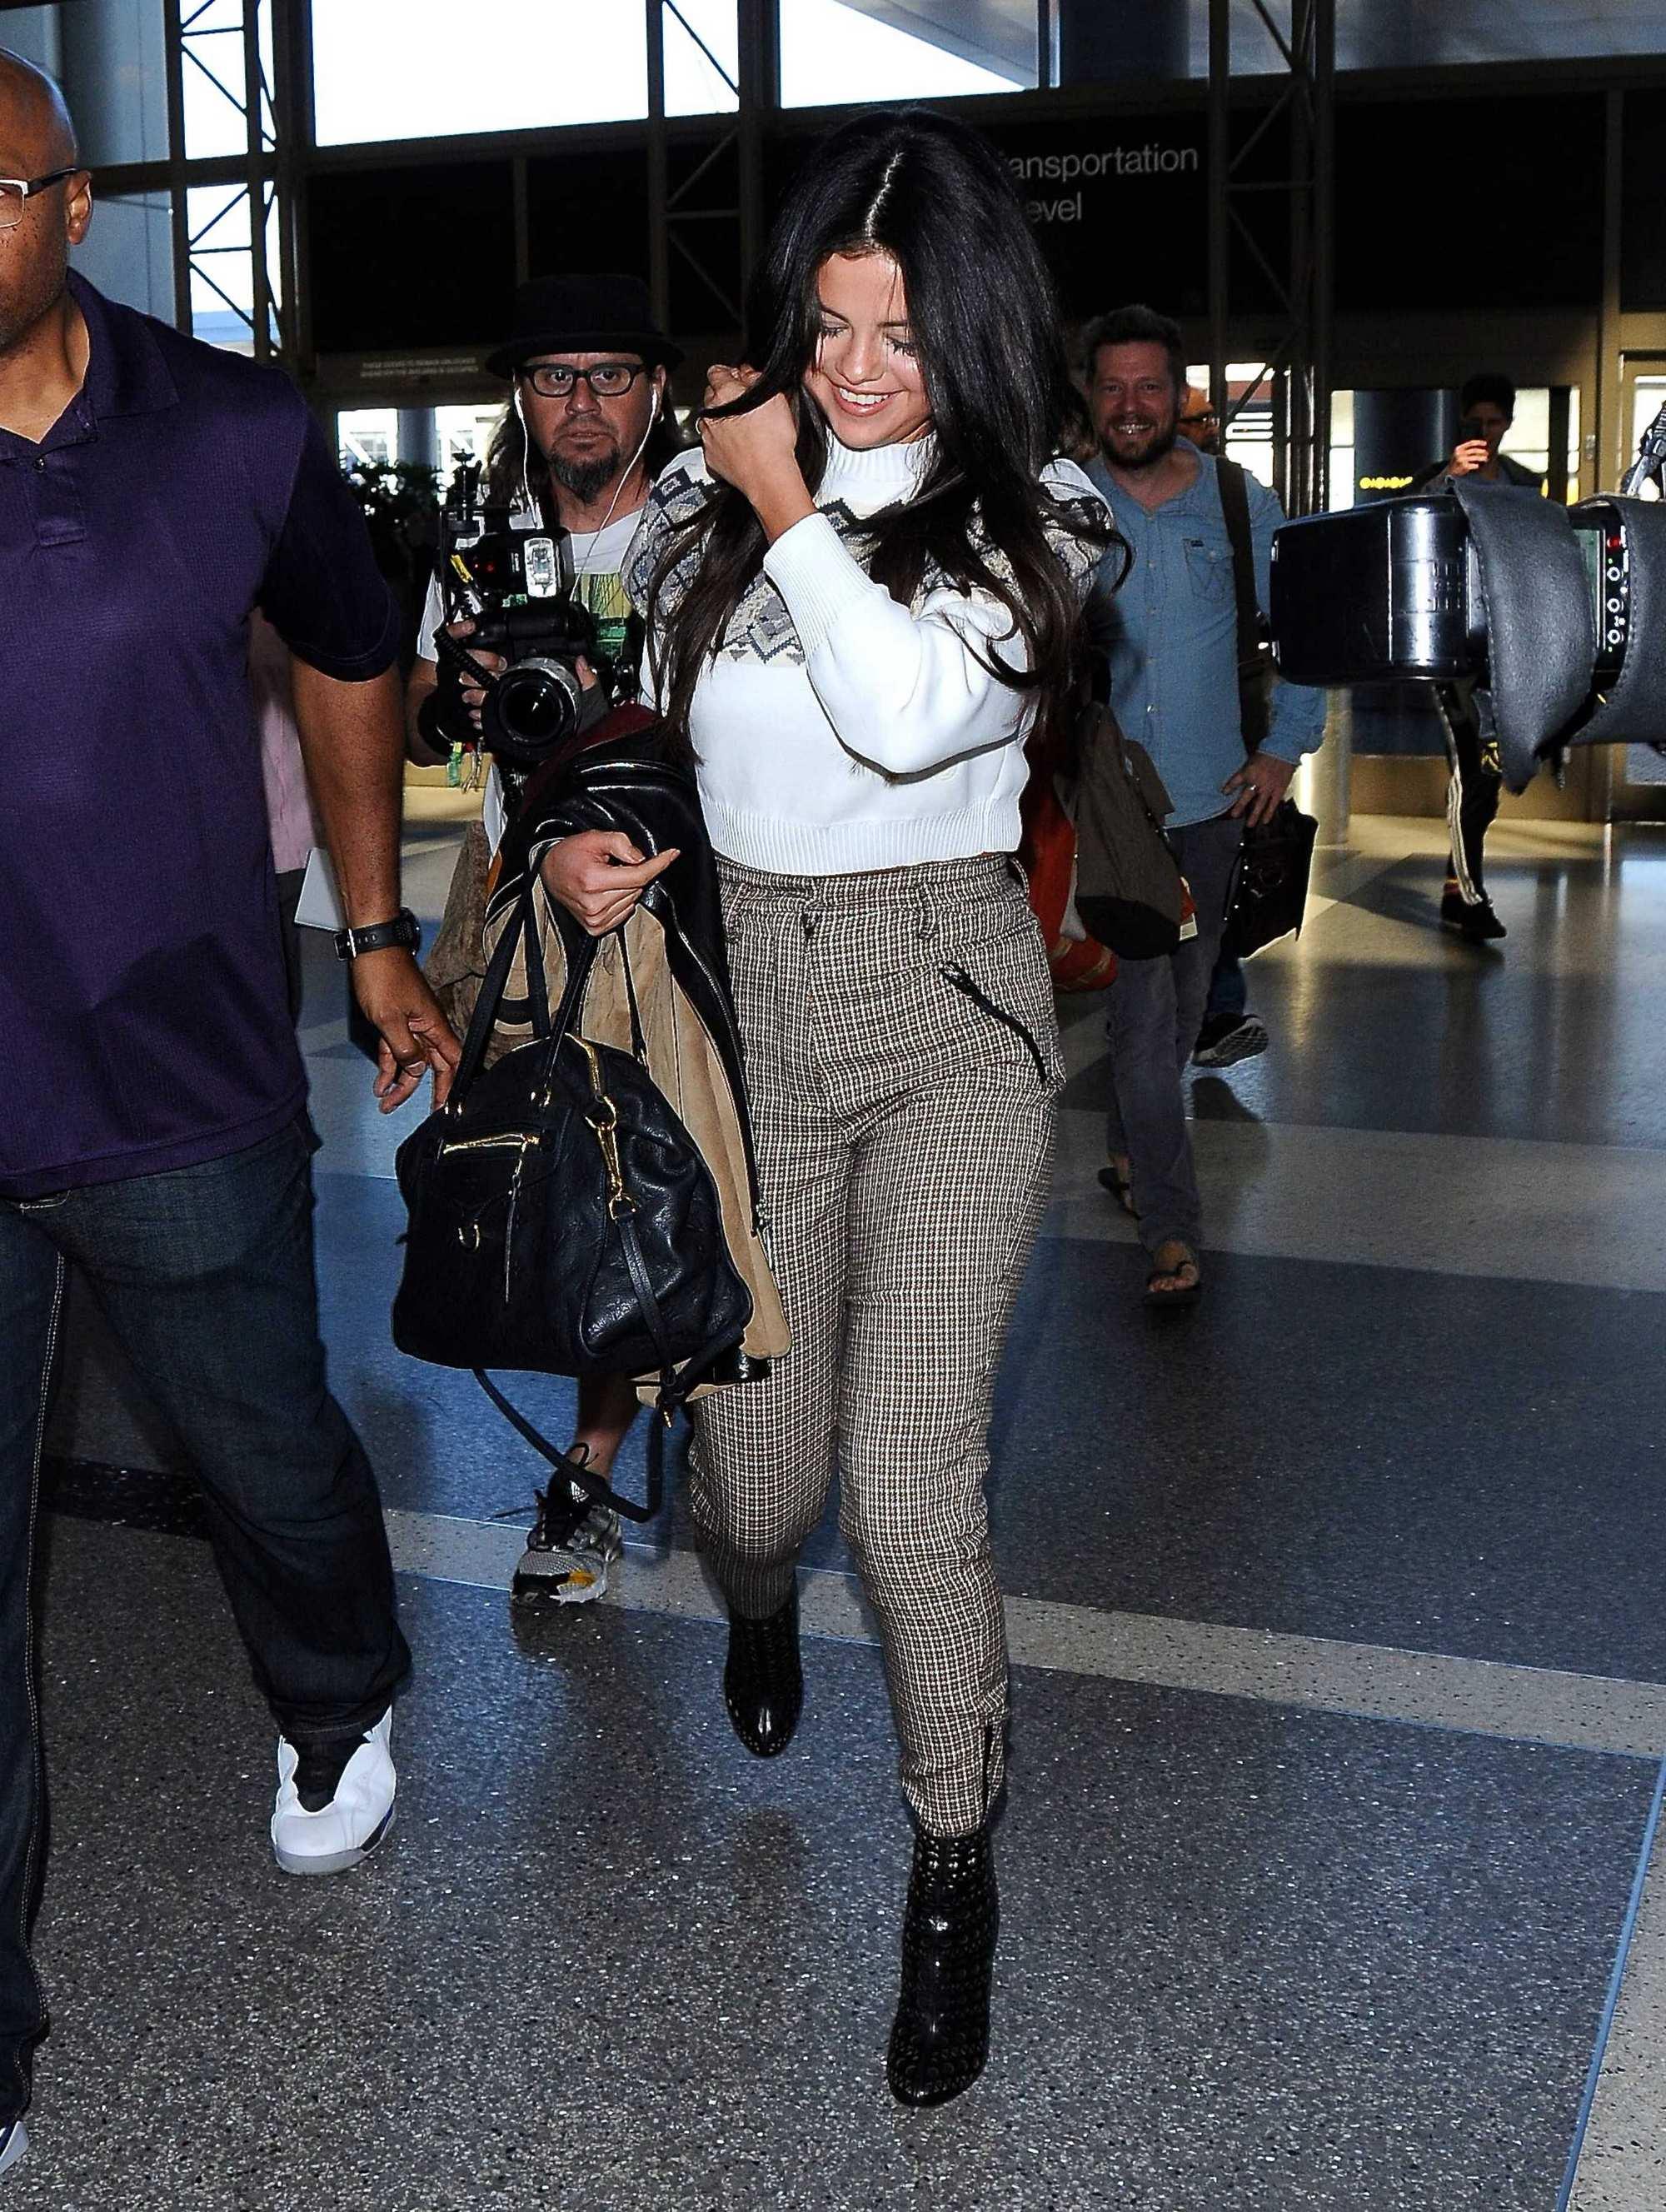 عکس های سلنا در فرودگاه لس انجلس